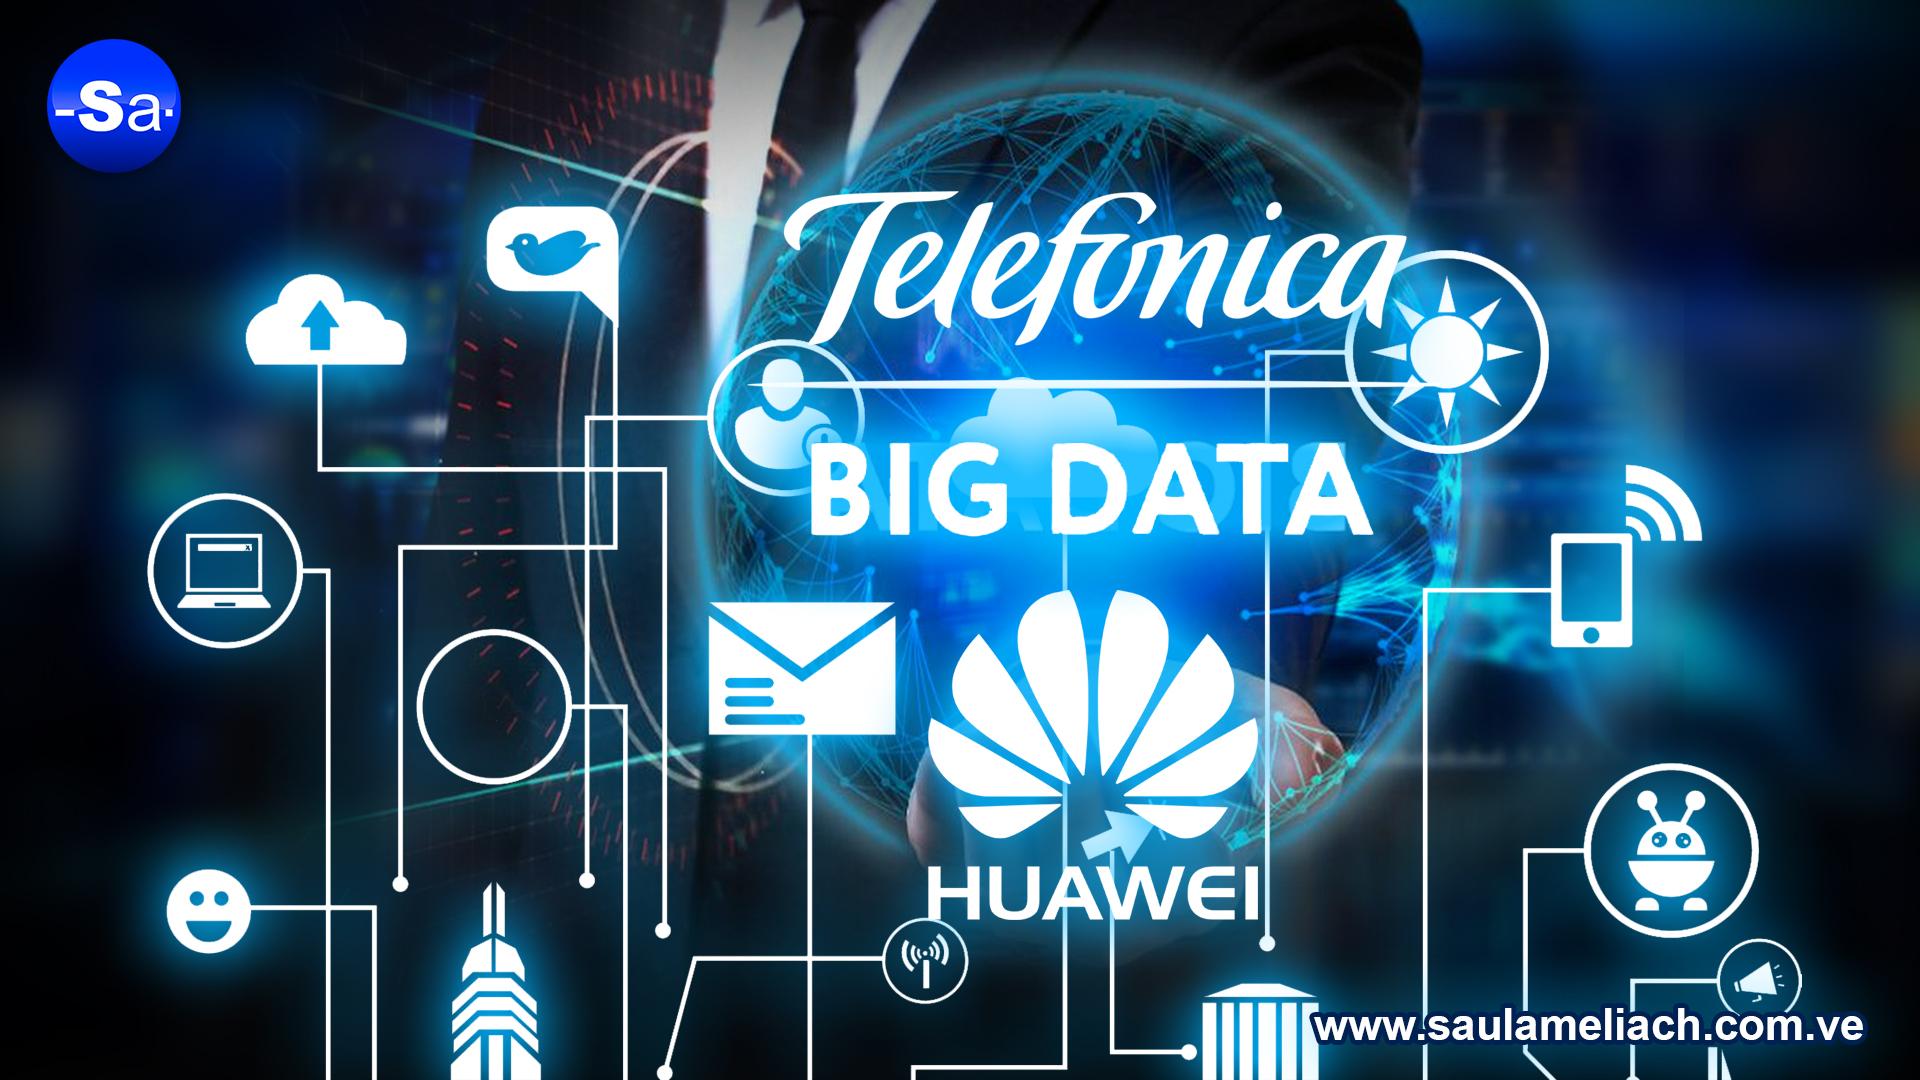 saul ameliach - Telefónica - Huawei